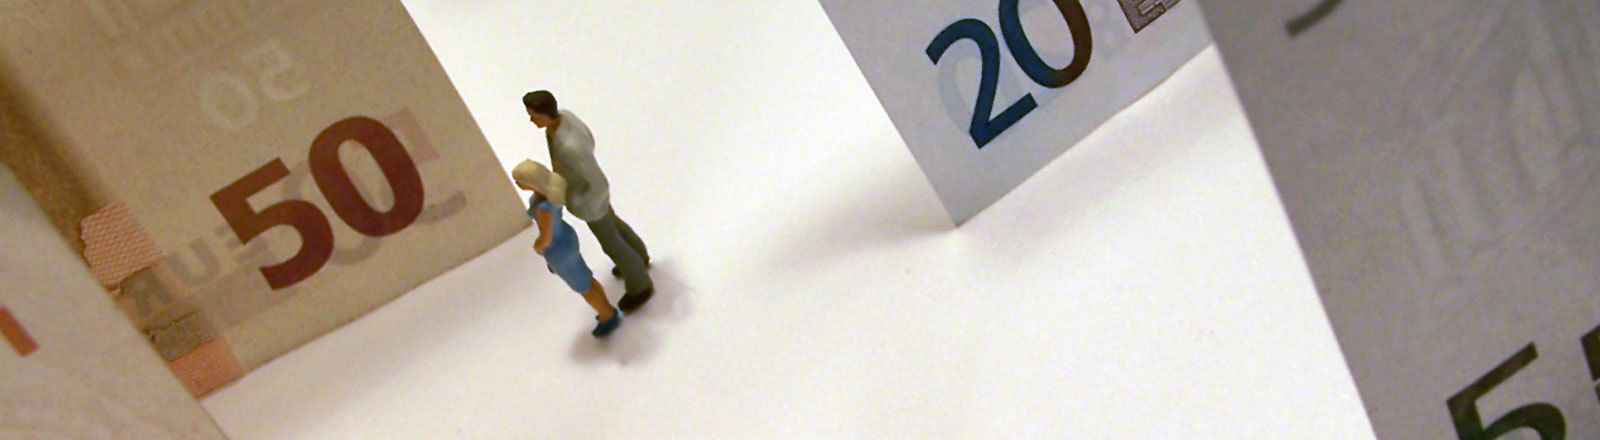 Schöne Eurowelt - Zwei Plastikfiguren (Mann und Frau) stehen inmitten von Geldscheinen